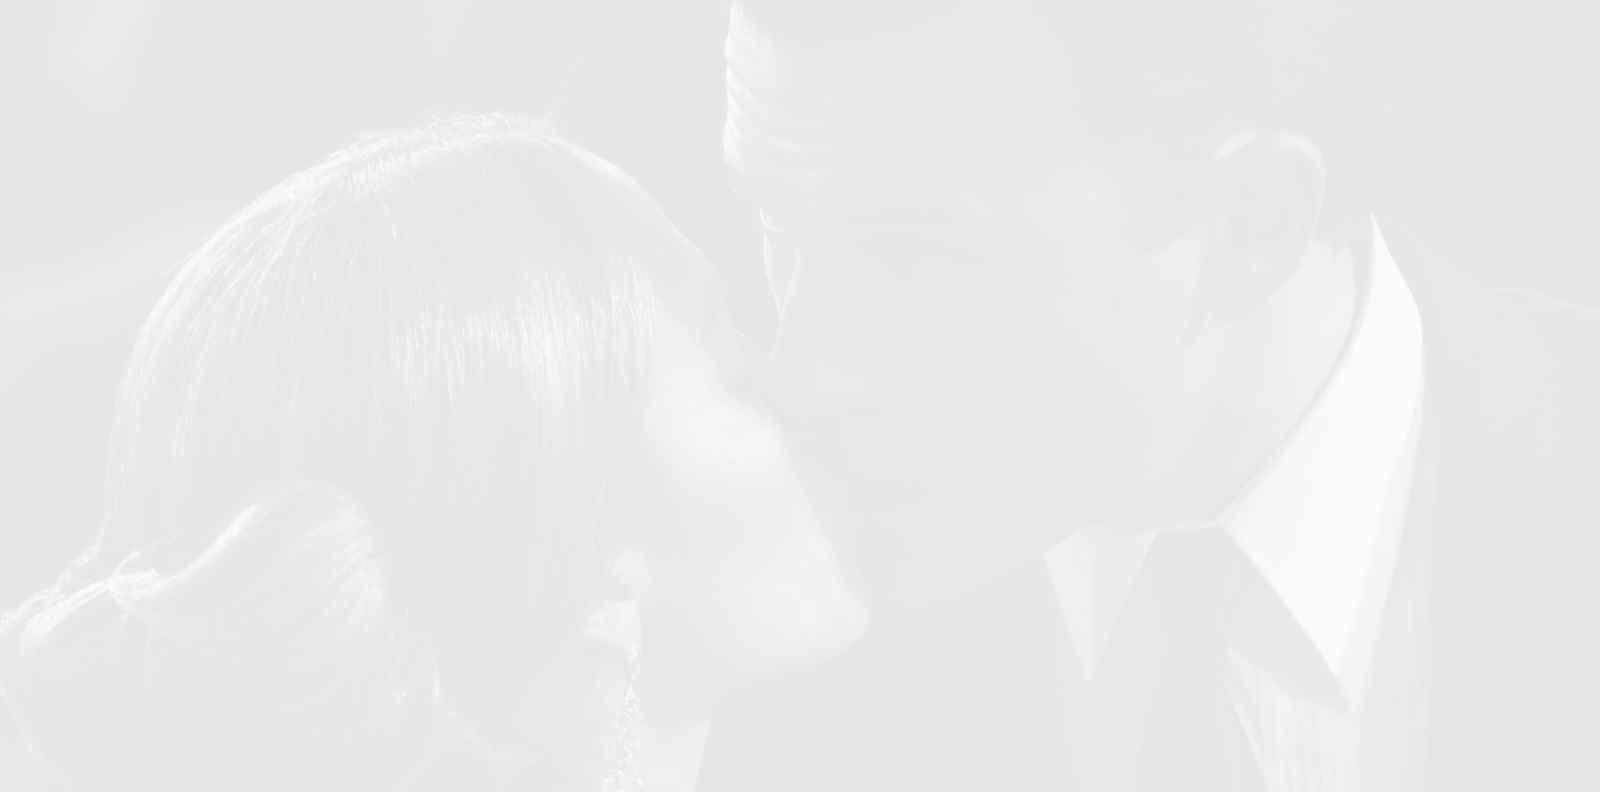 Целувката на Дженифър Лопес и Бен Афлек запали интернет